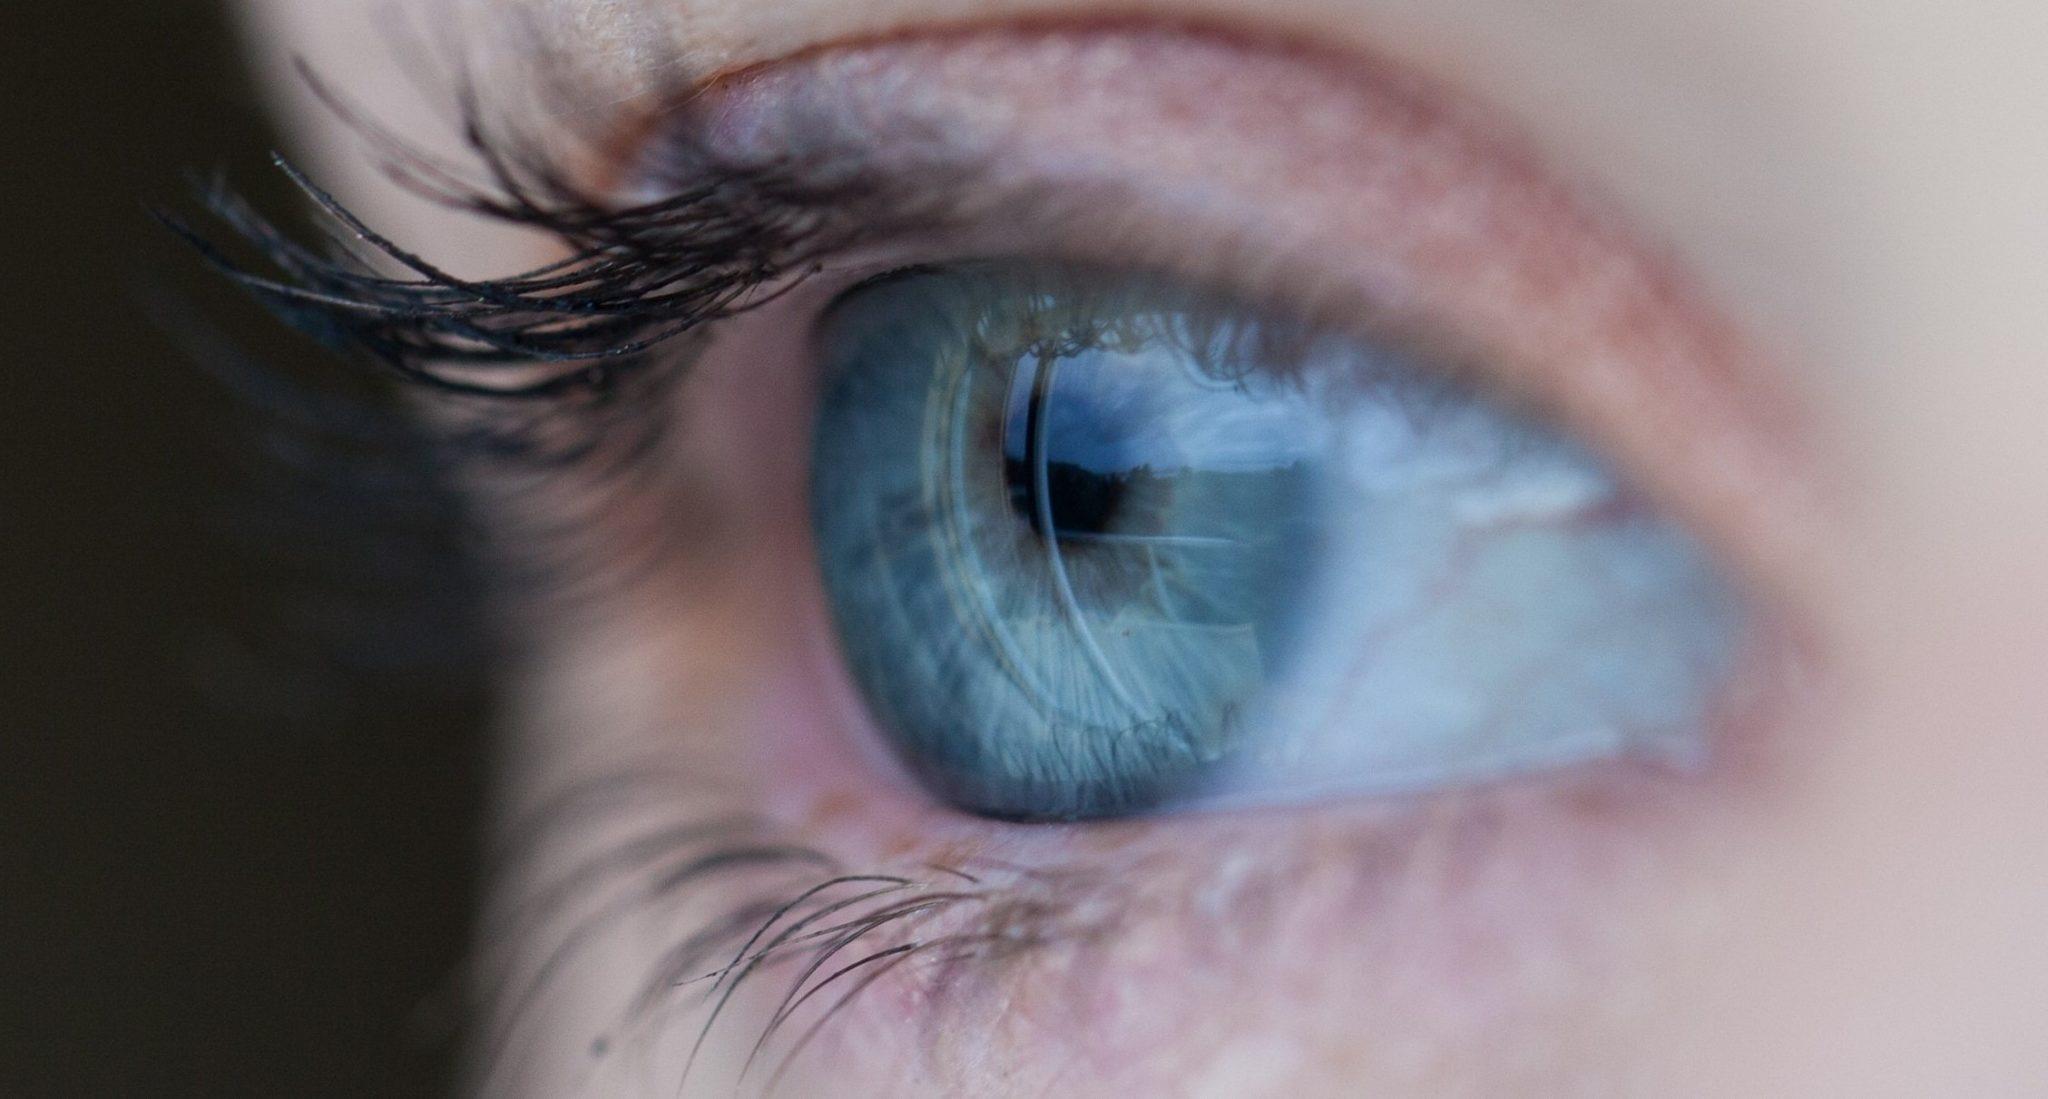 eye-691269 - Kopie